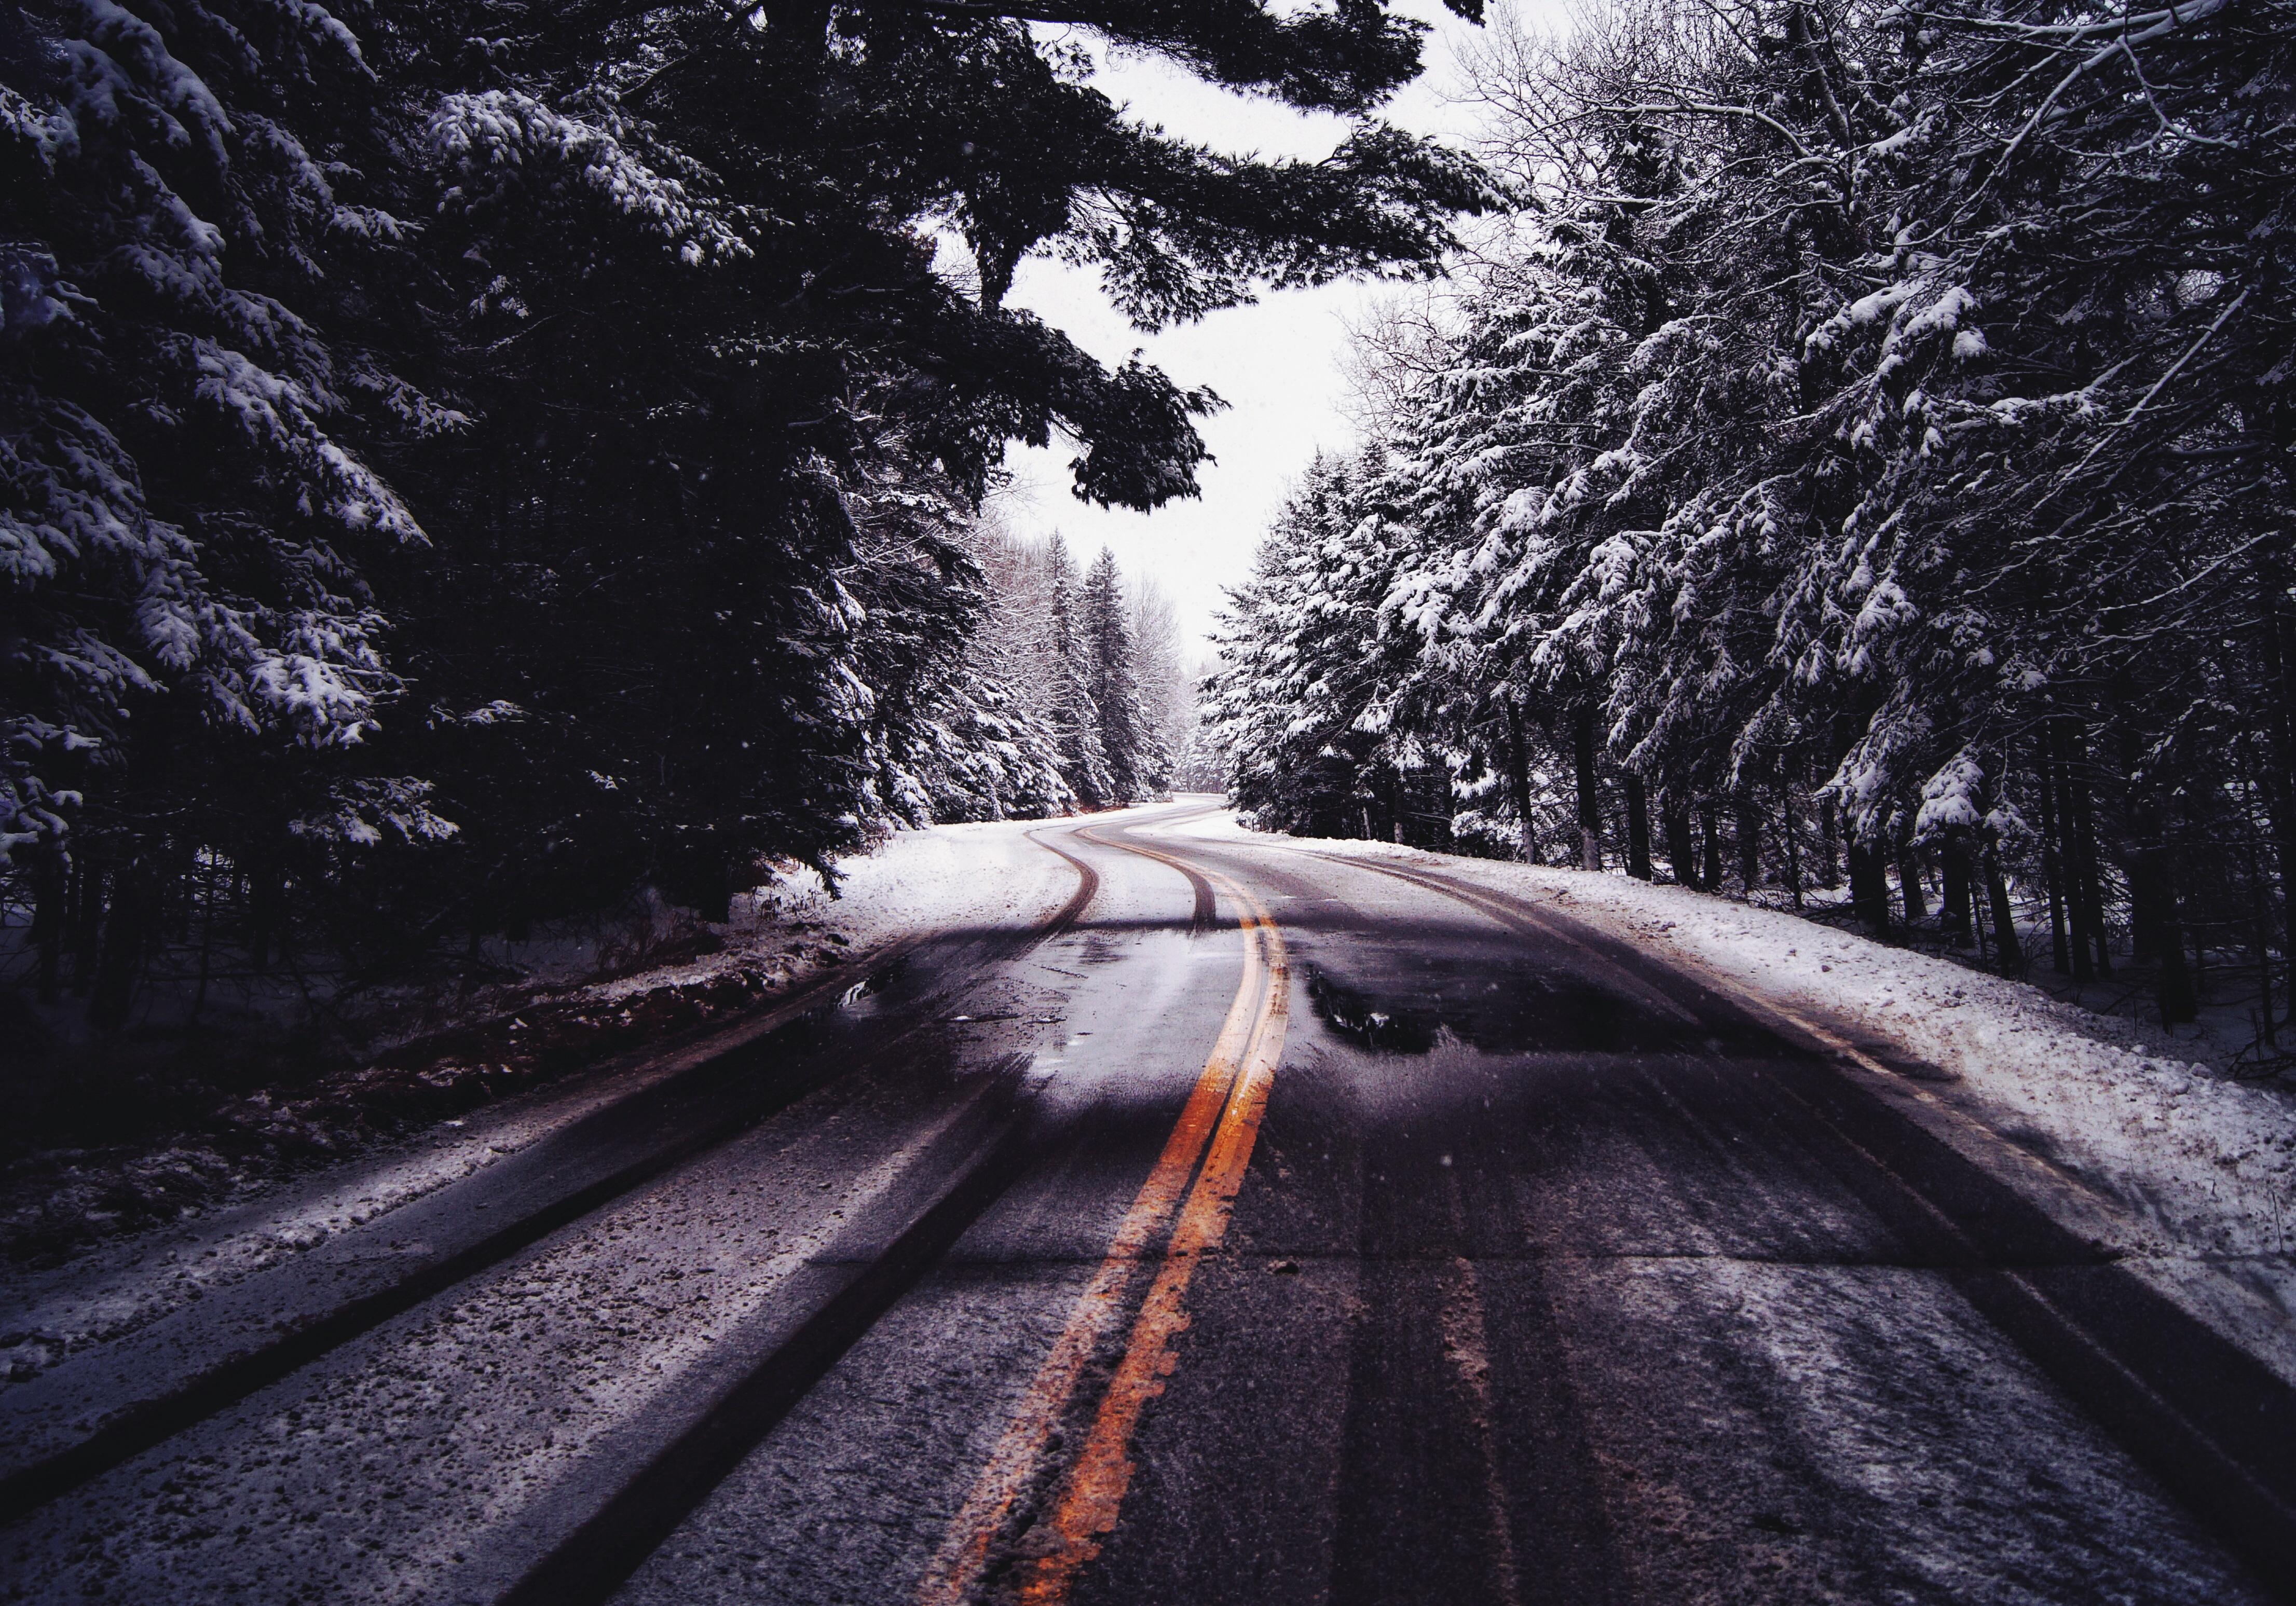 обои для рабочего стола железная дорога в лесу зимой № 231039  скачать